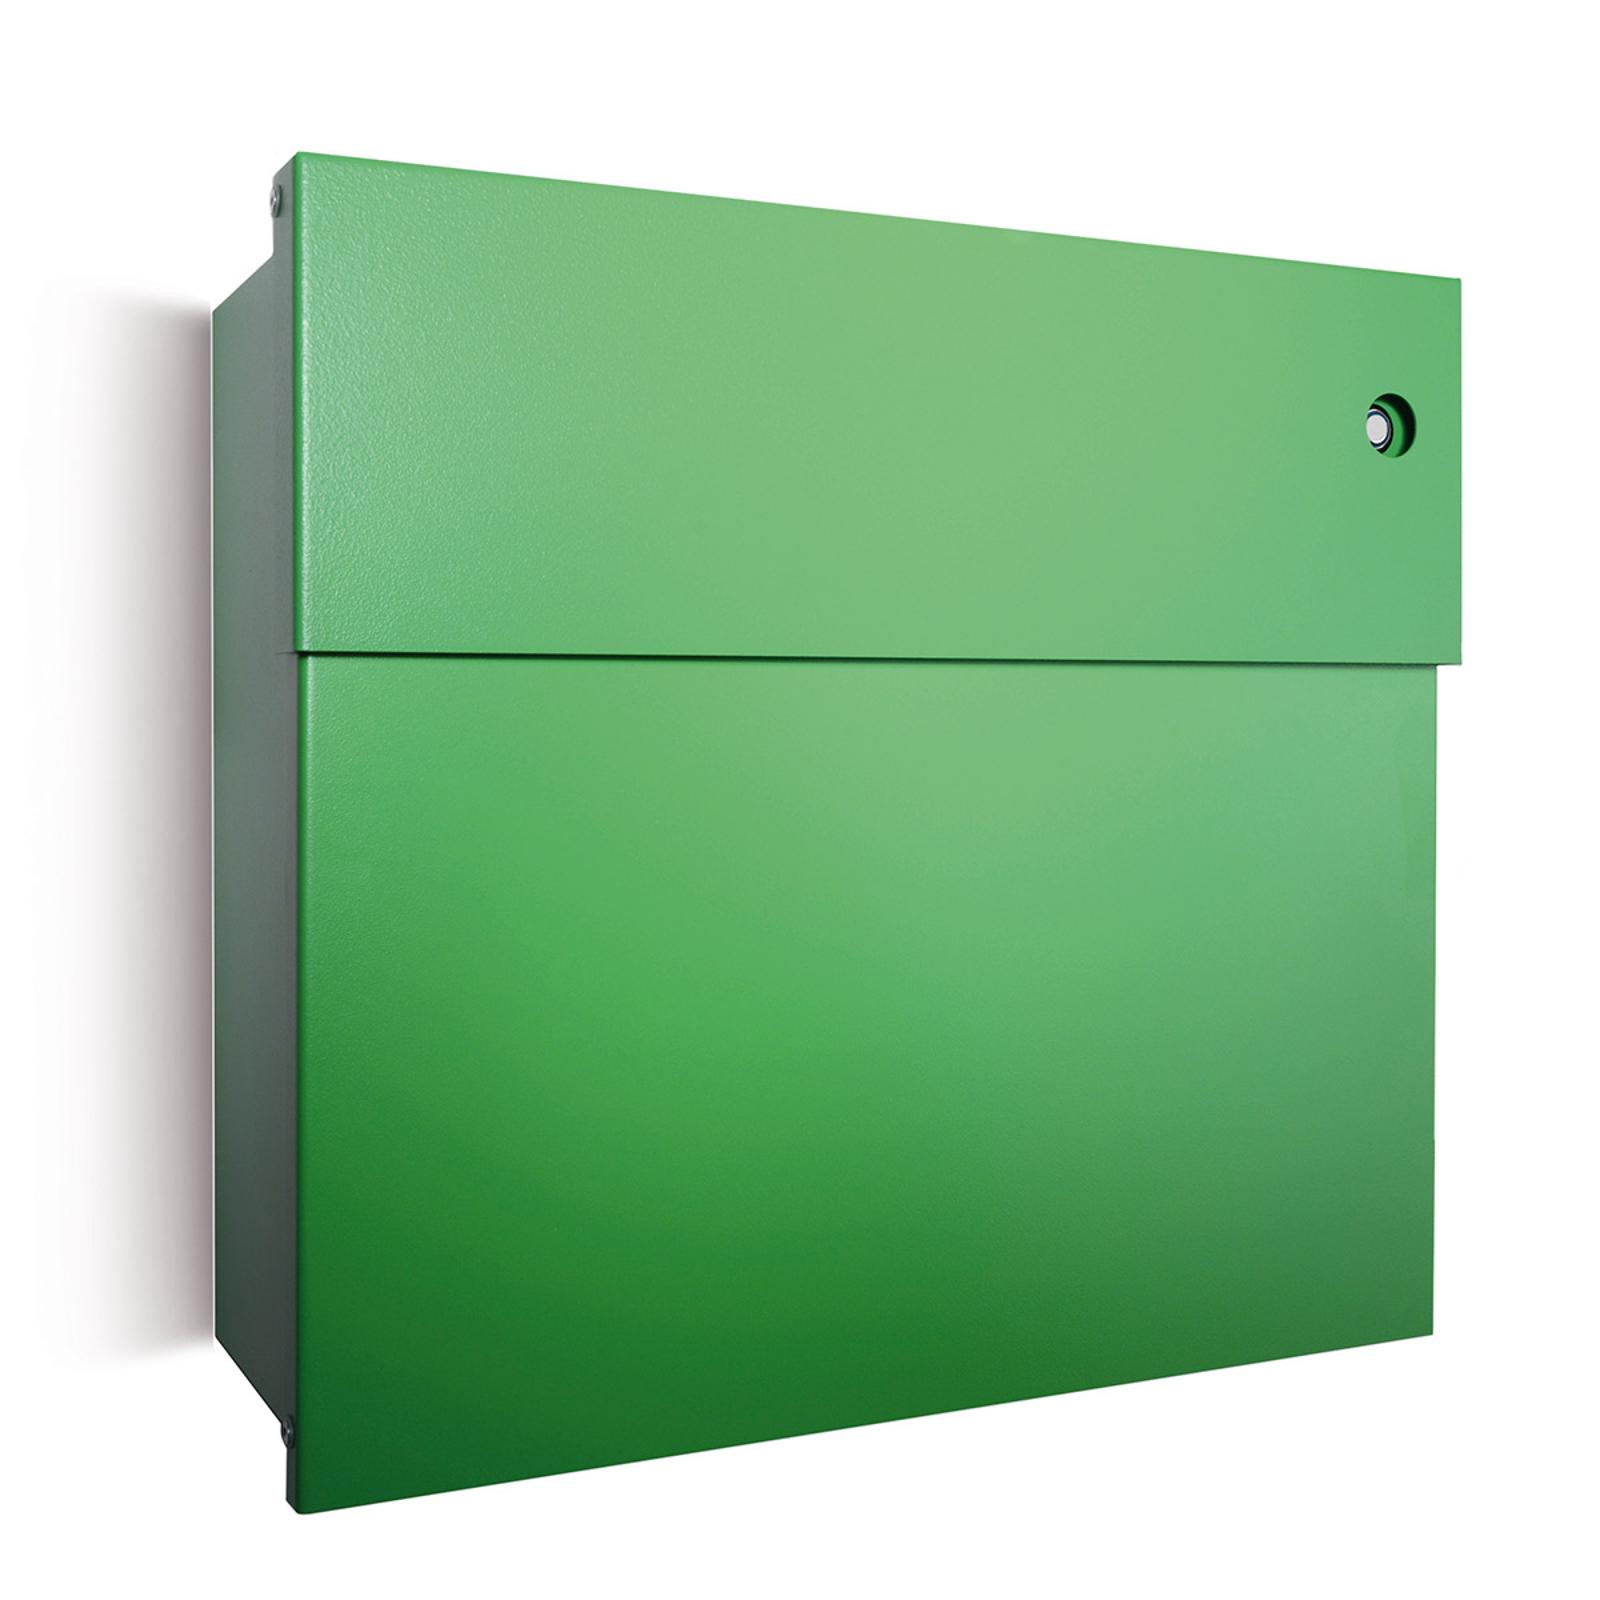 Letterman IV postboks, blå bjelle, grønn